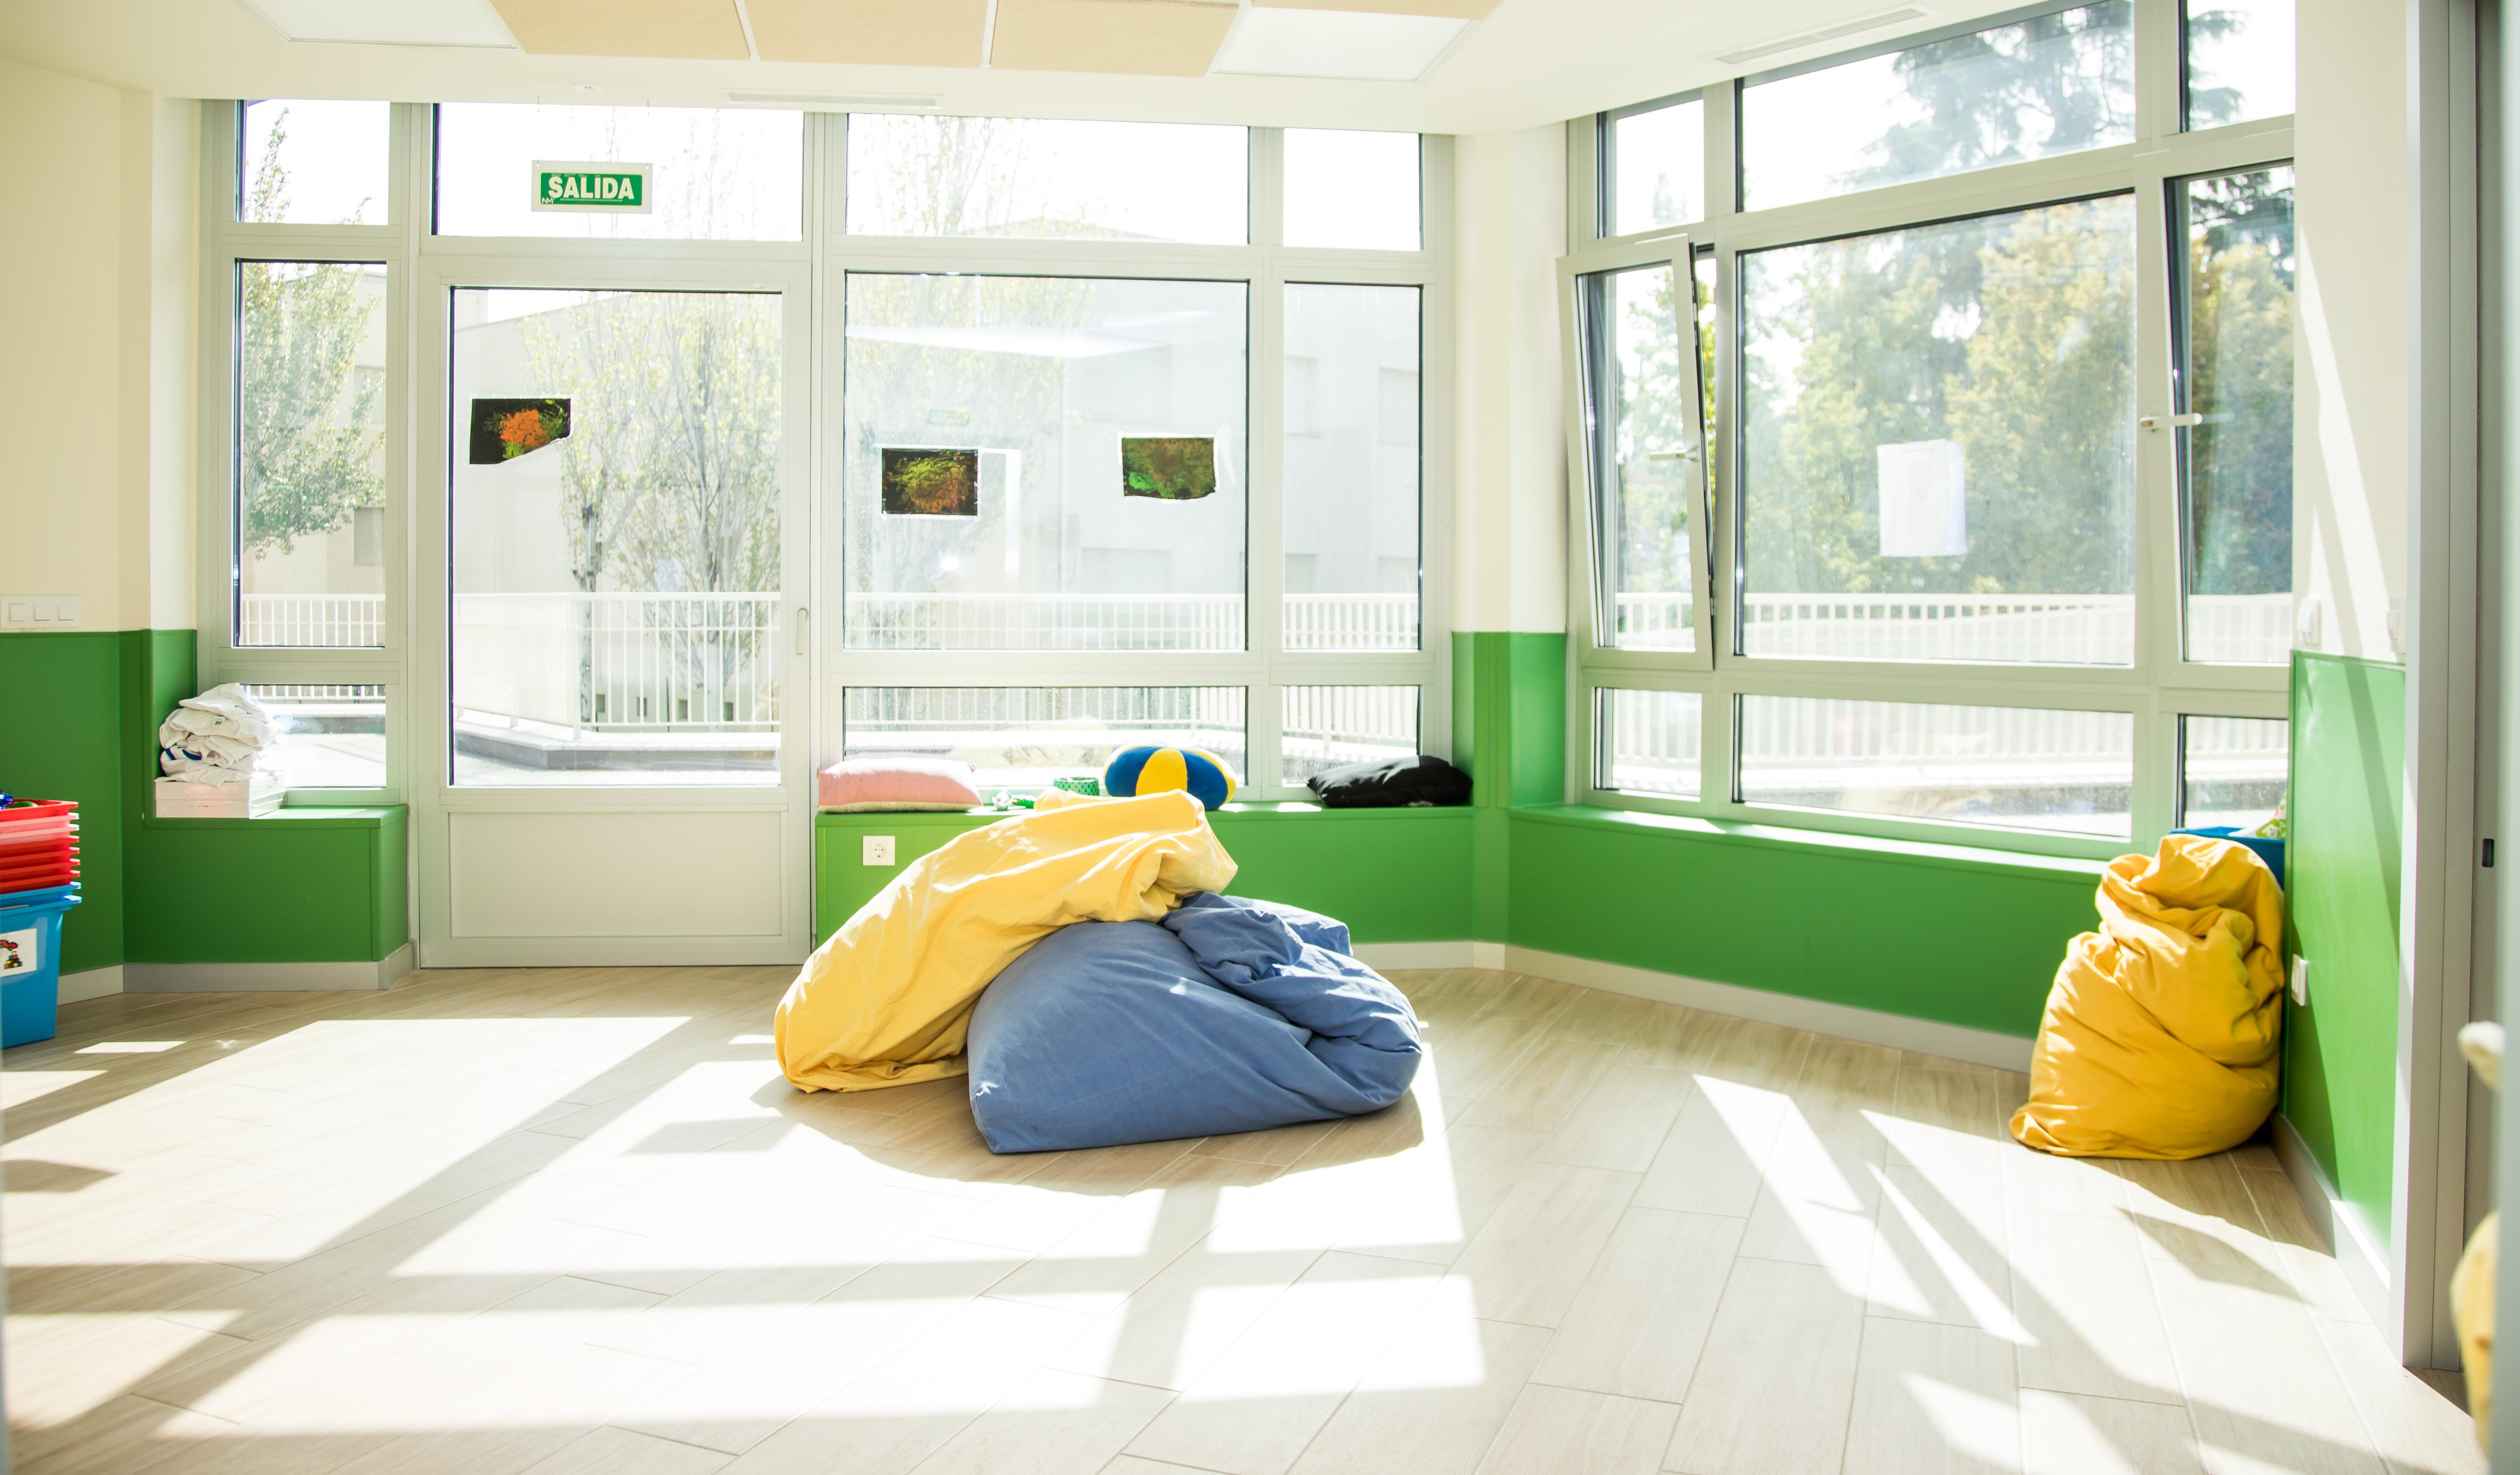 aula verde